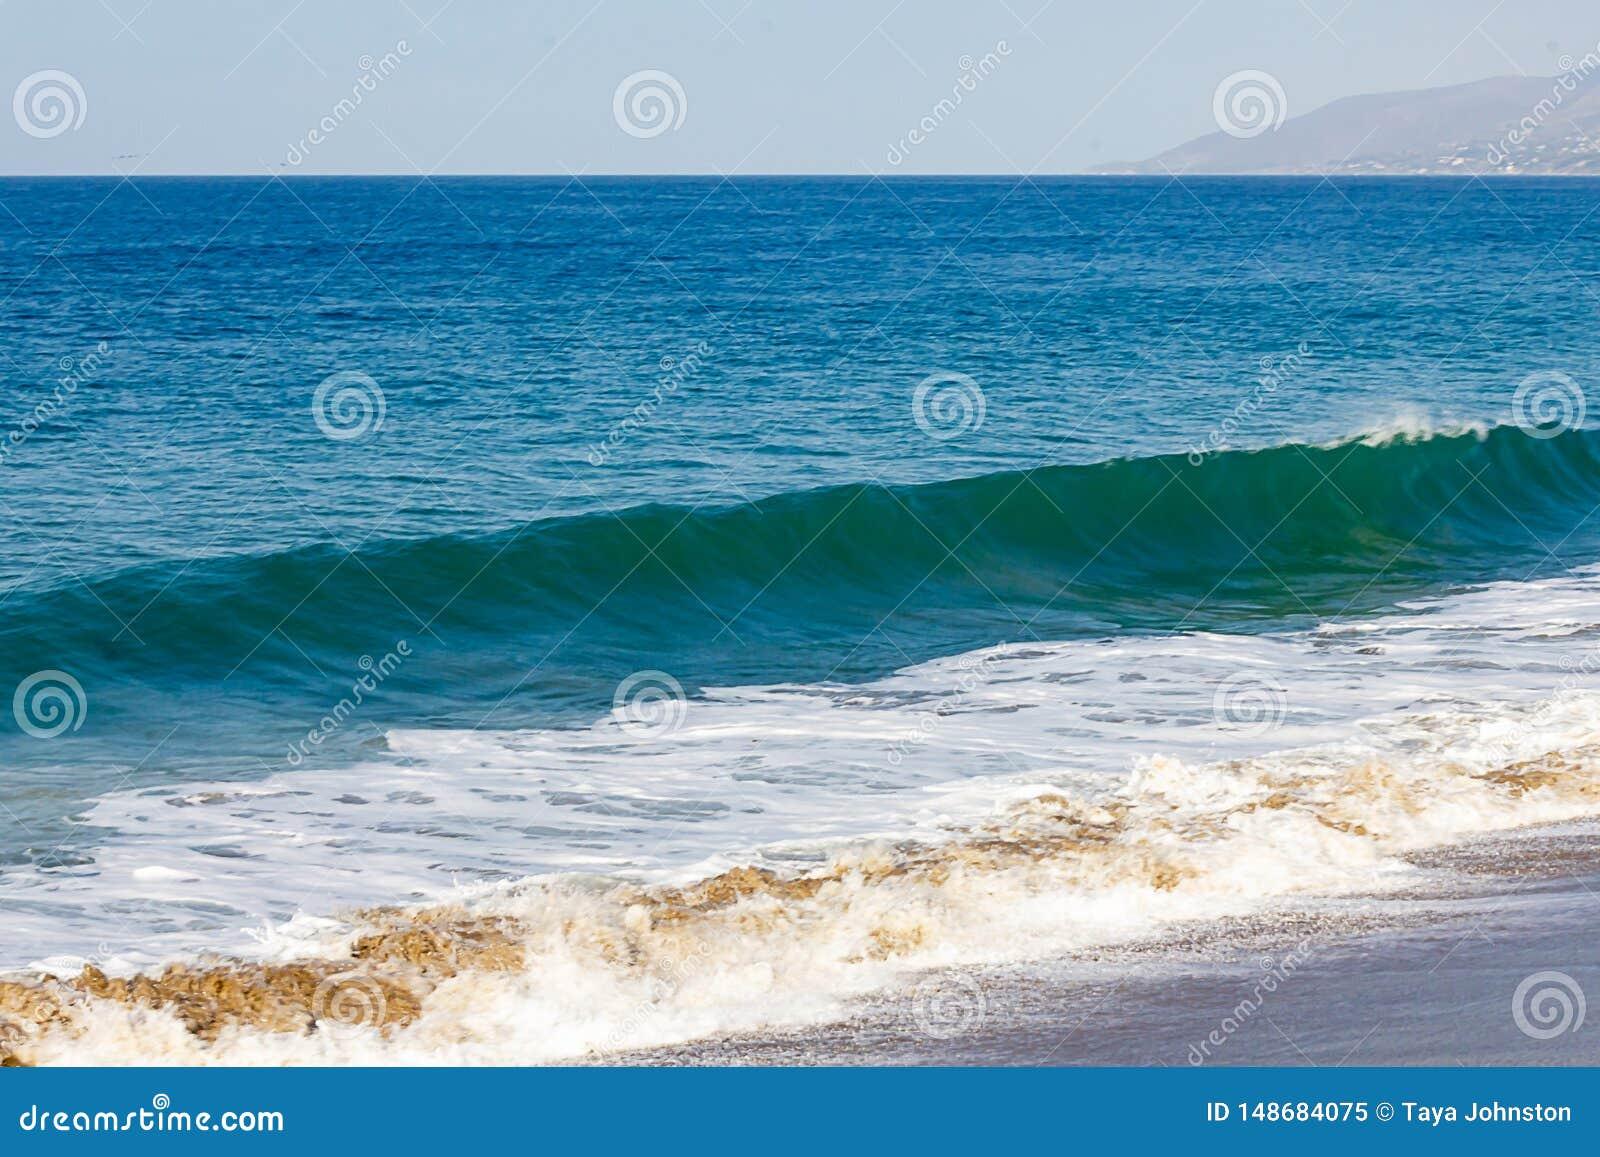 胀大与起泡沫的回流的torqpiose波浪,在海洋浩瀚对天际,小山,